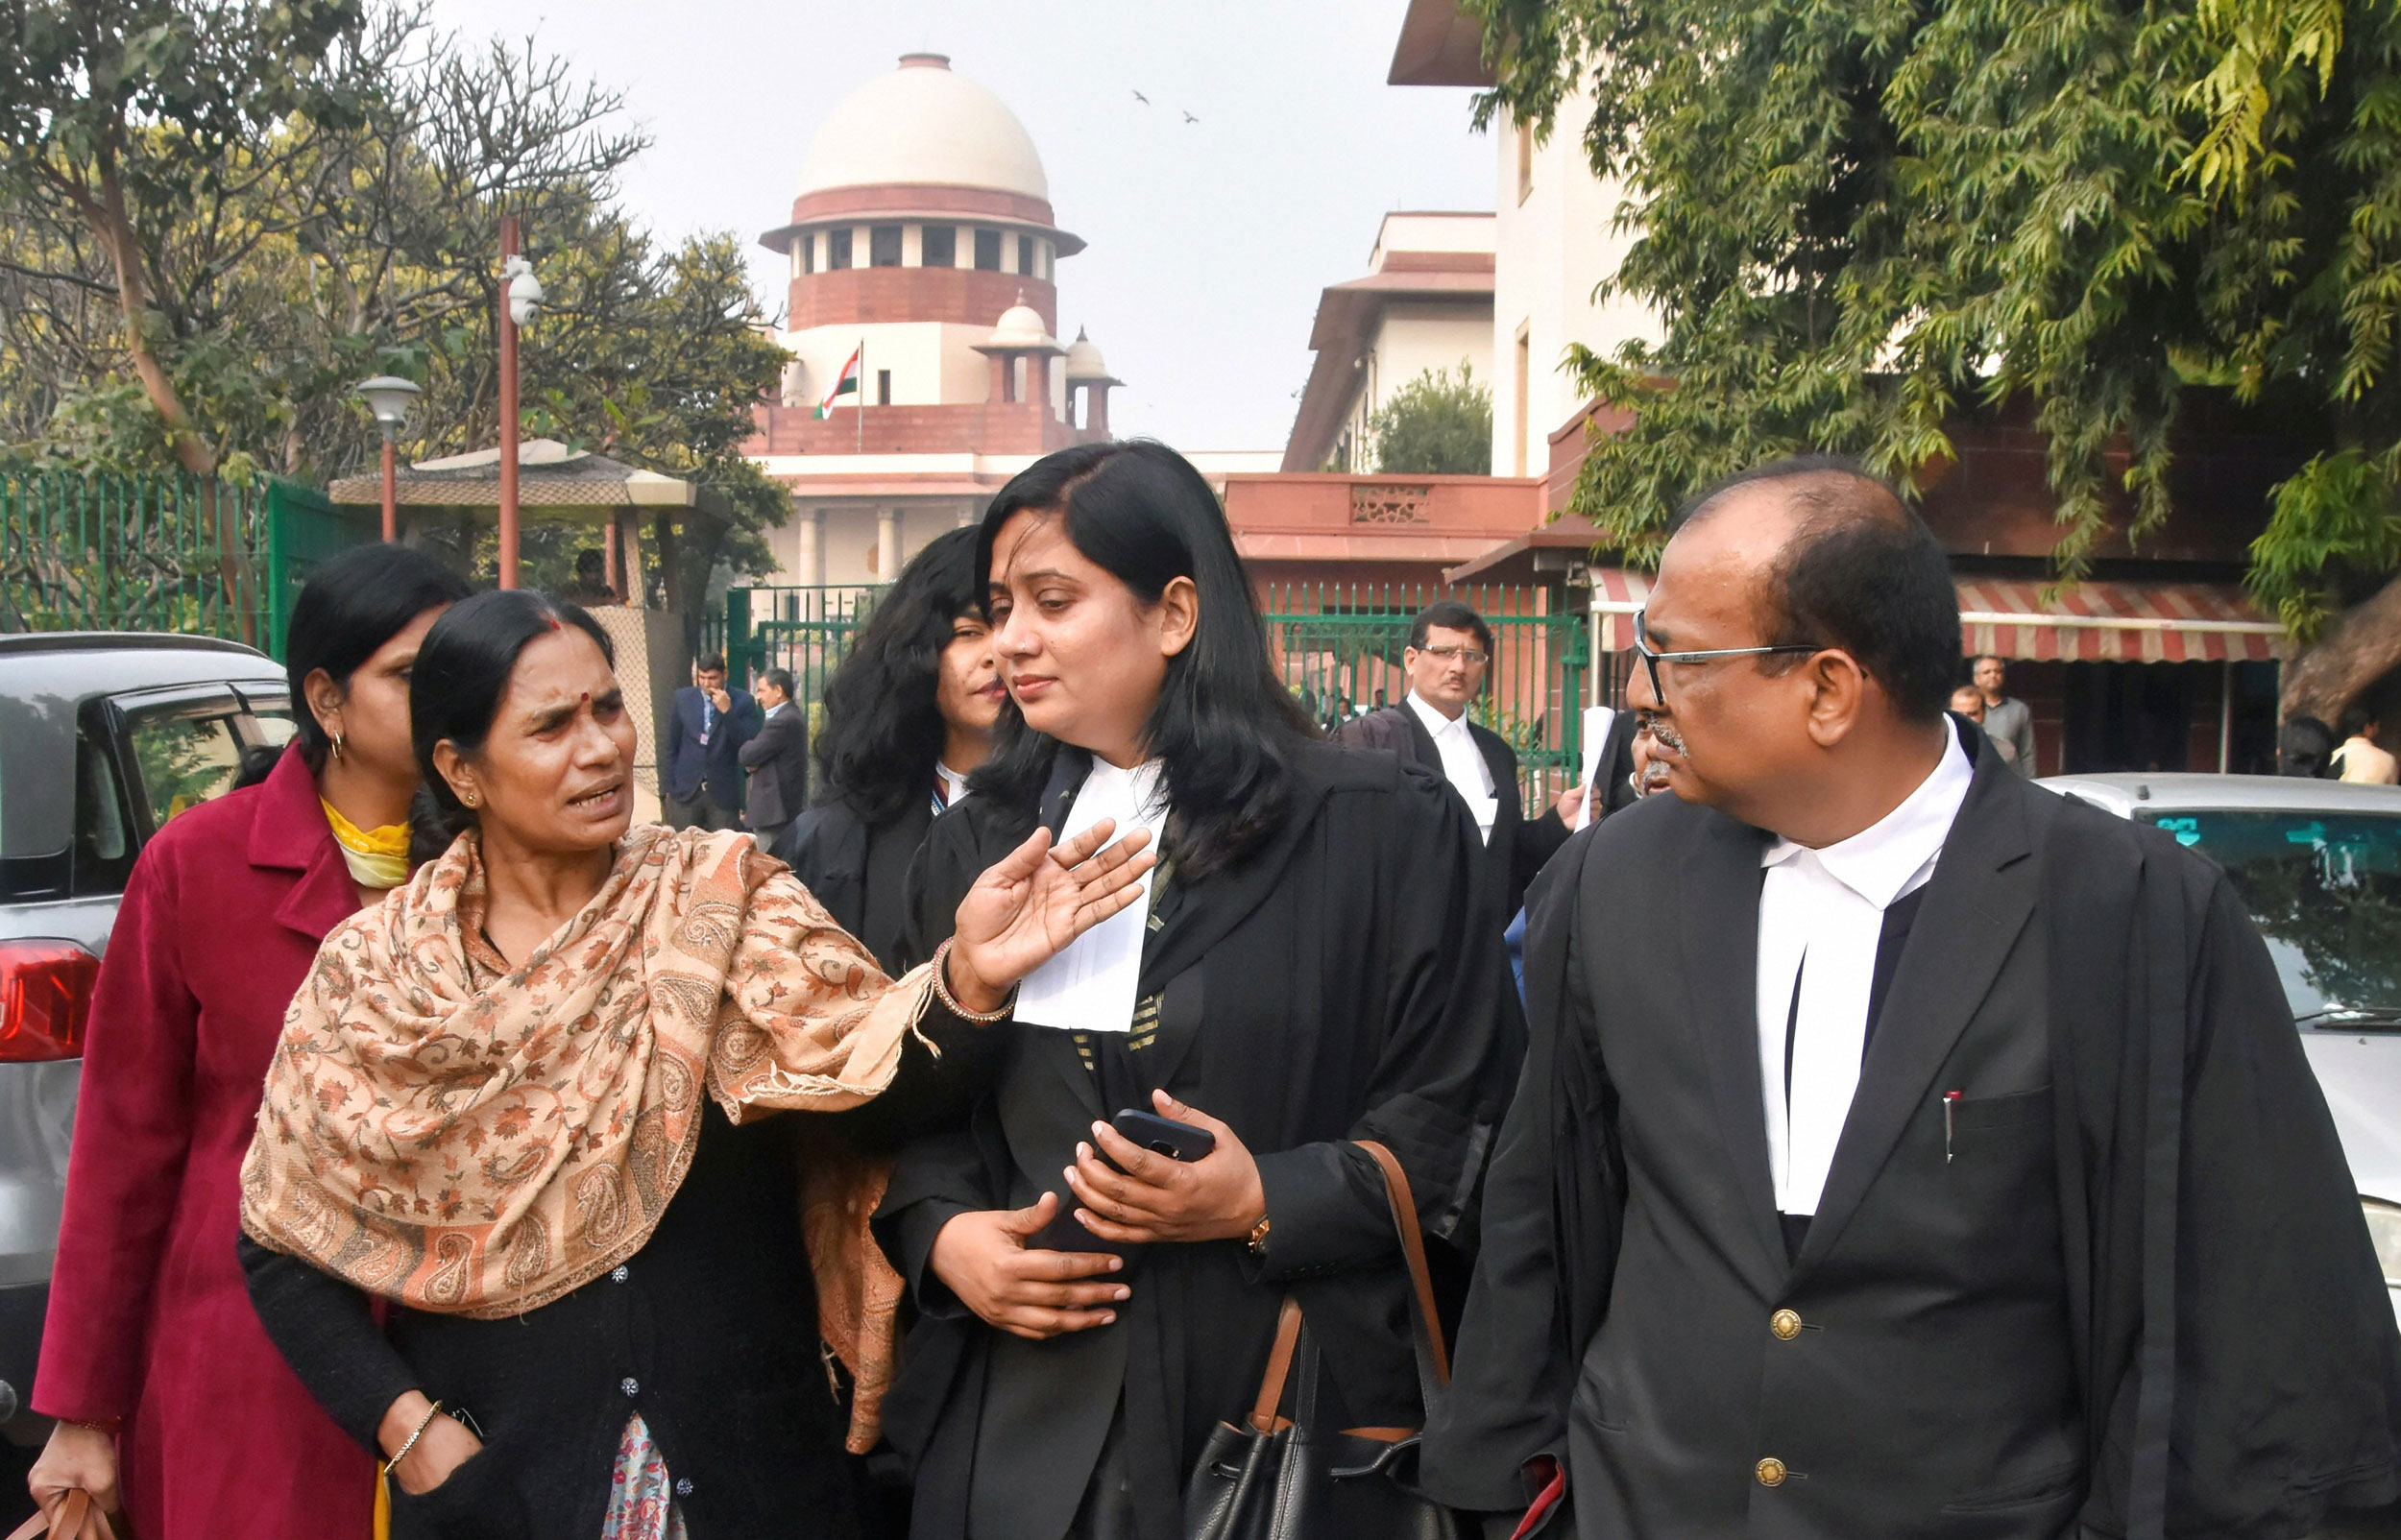 2012 Delhi gang rape victim's mother, Asha Devi, at the Supreme Court in New Delhi on Tuesday.